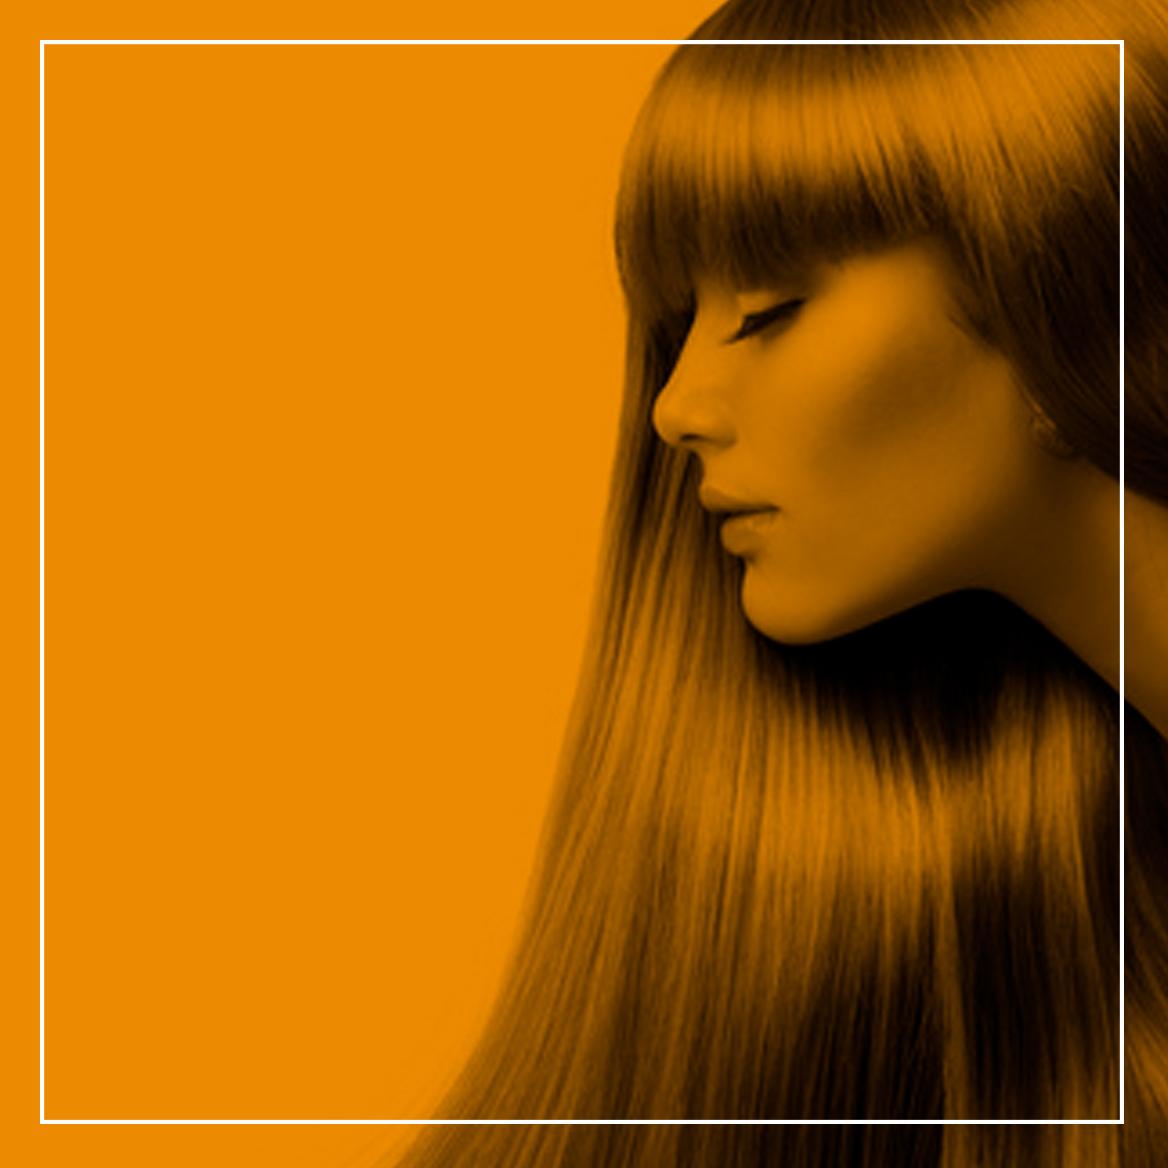 La perdita dei capelli ha risvolti molto importanti nell uomo e ancor più  nella donna al punto da causare un vero stress emotivo e una distorsione  della ... cd09256a21d6